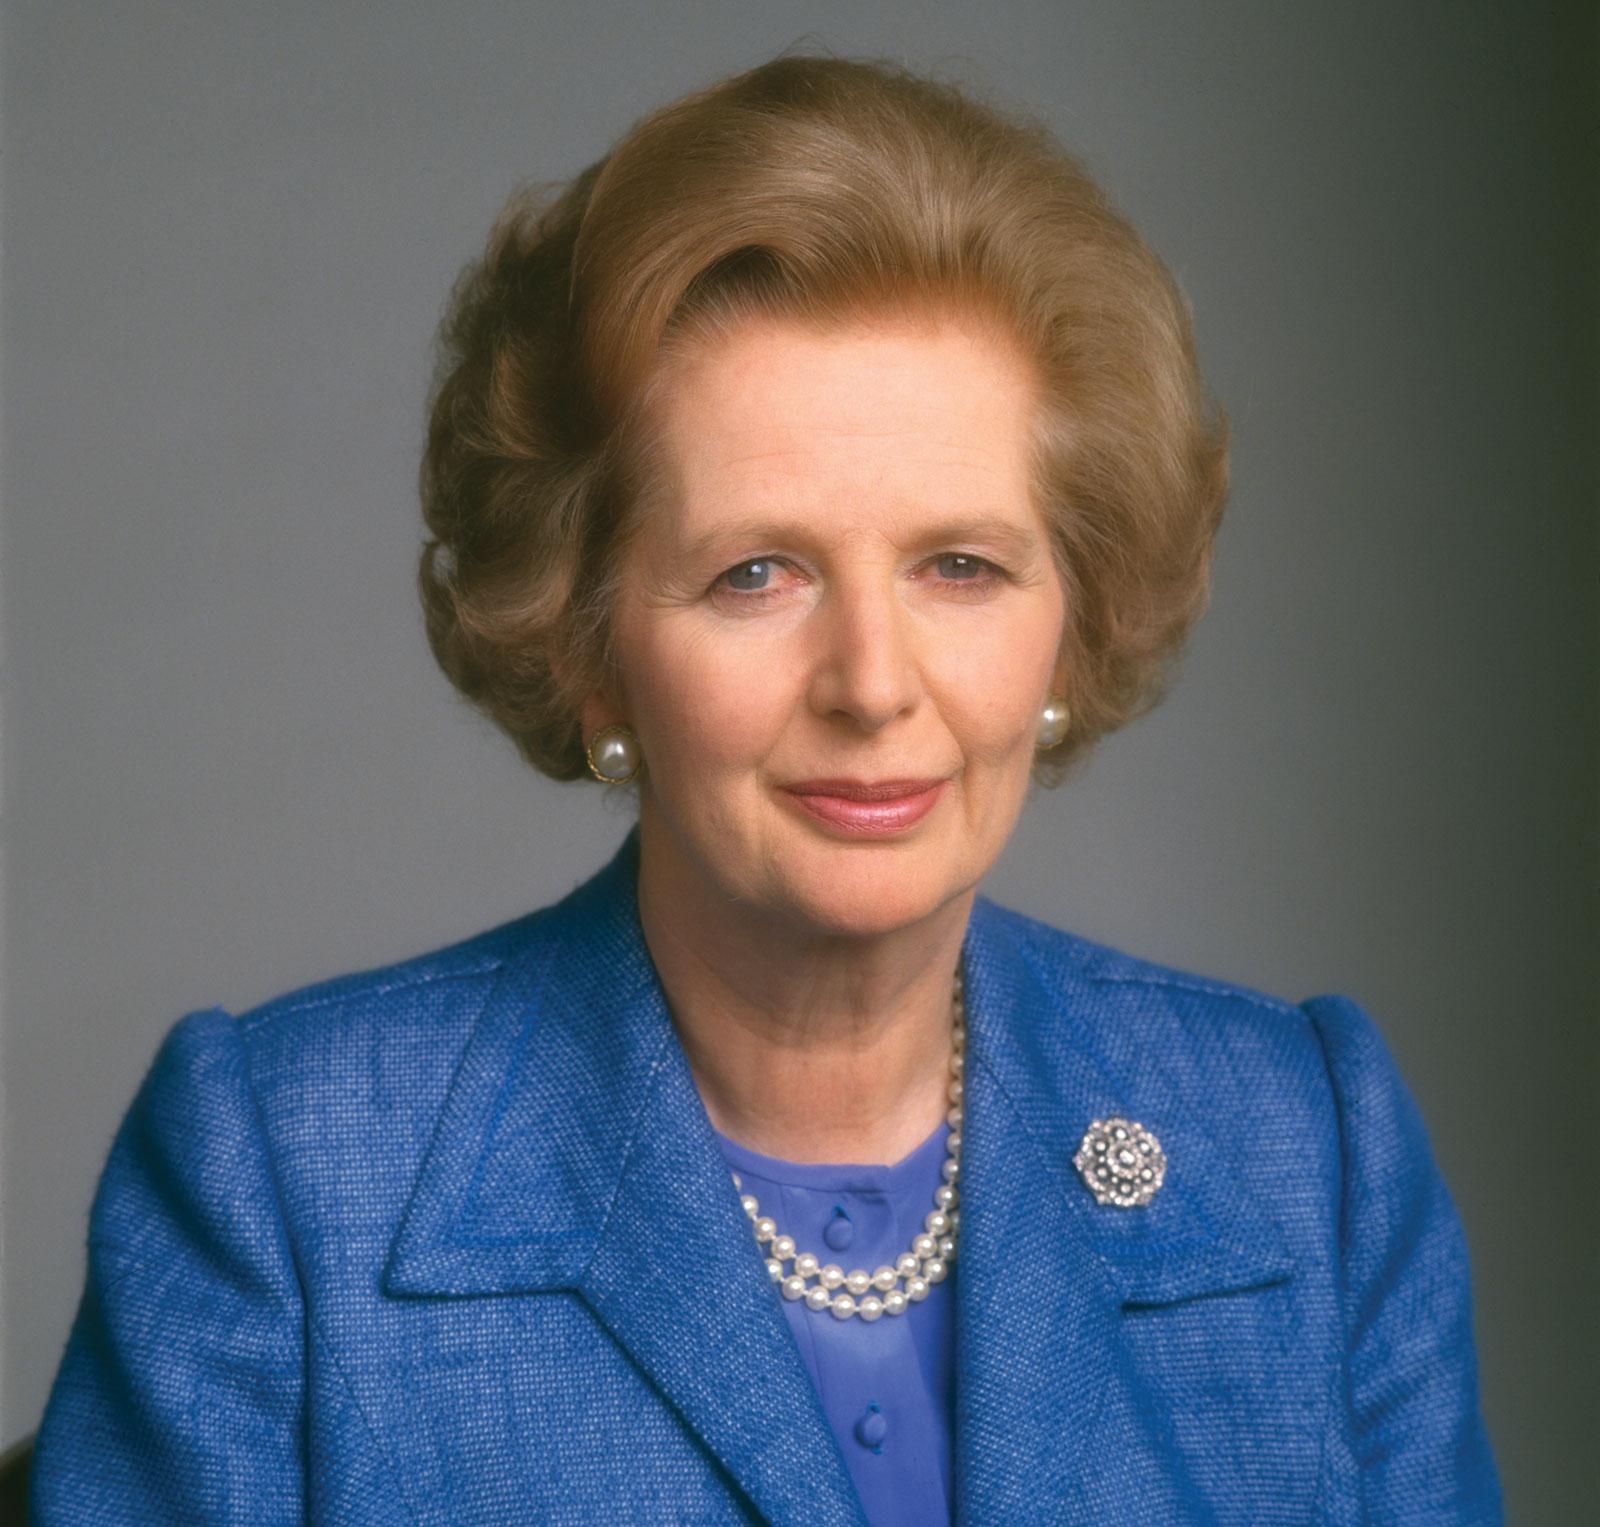 Margaret Thatcher look